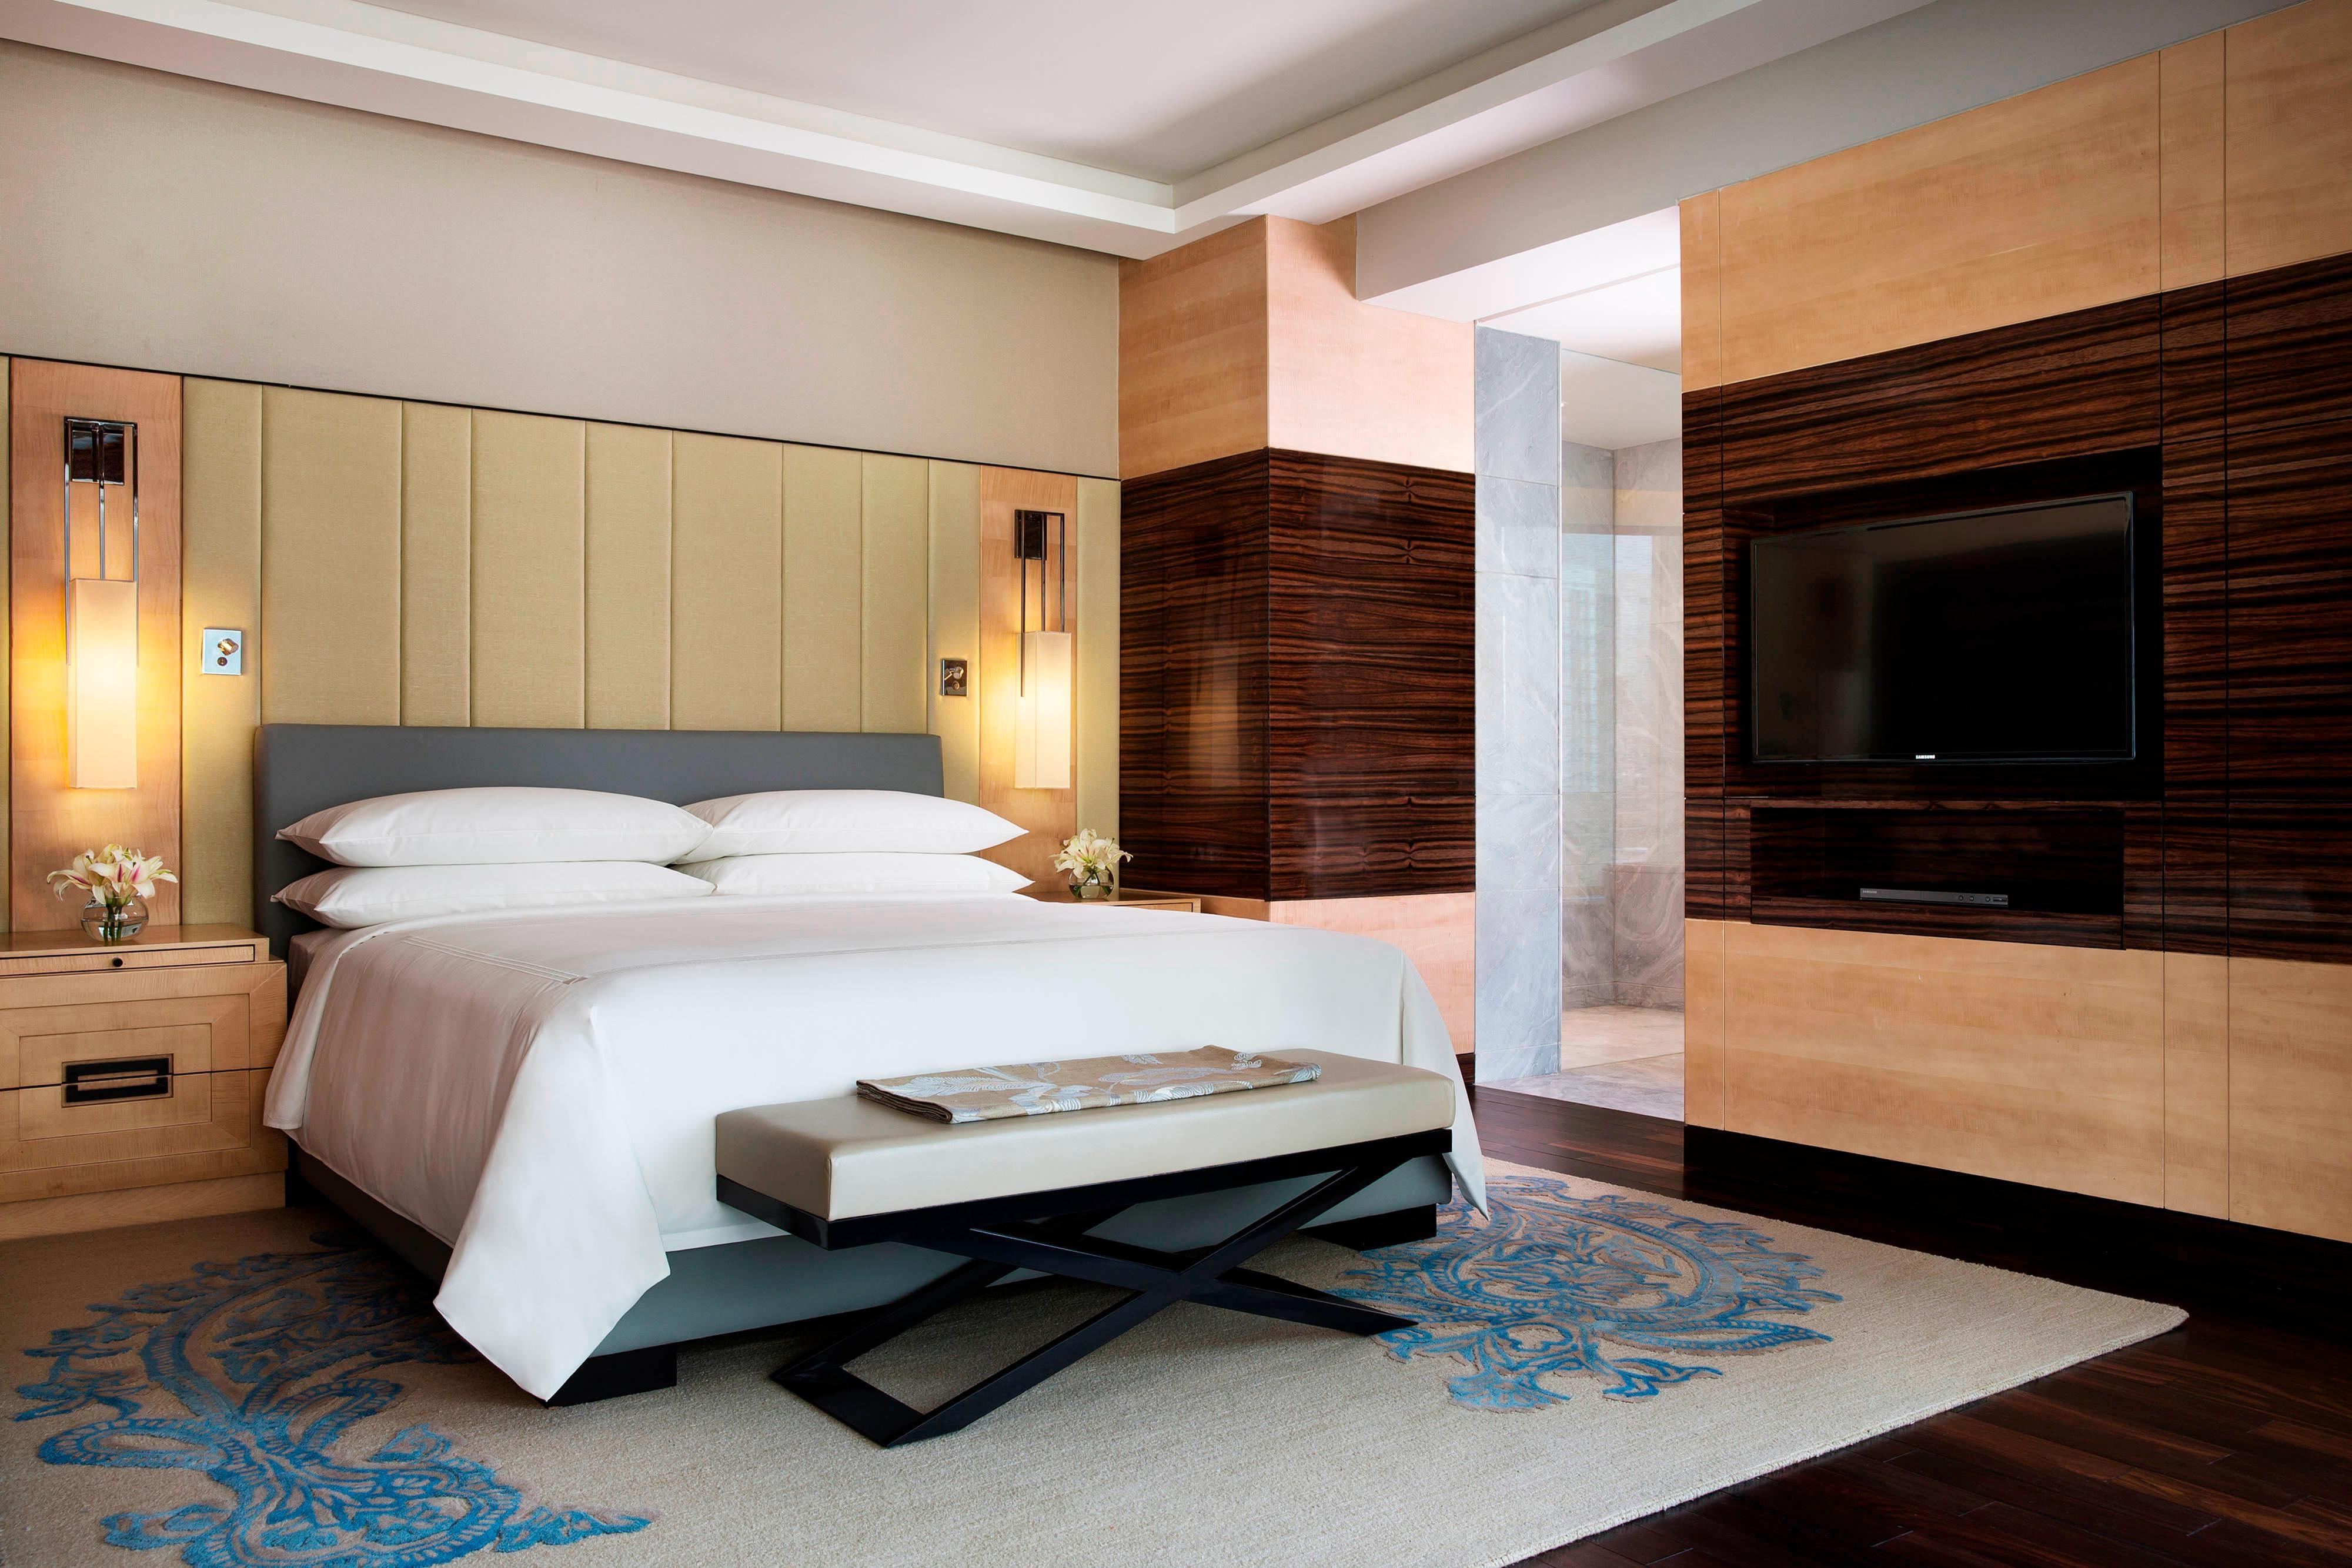 Bedroom Suite Hotels In Houston